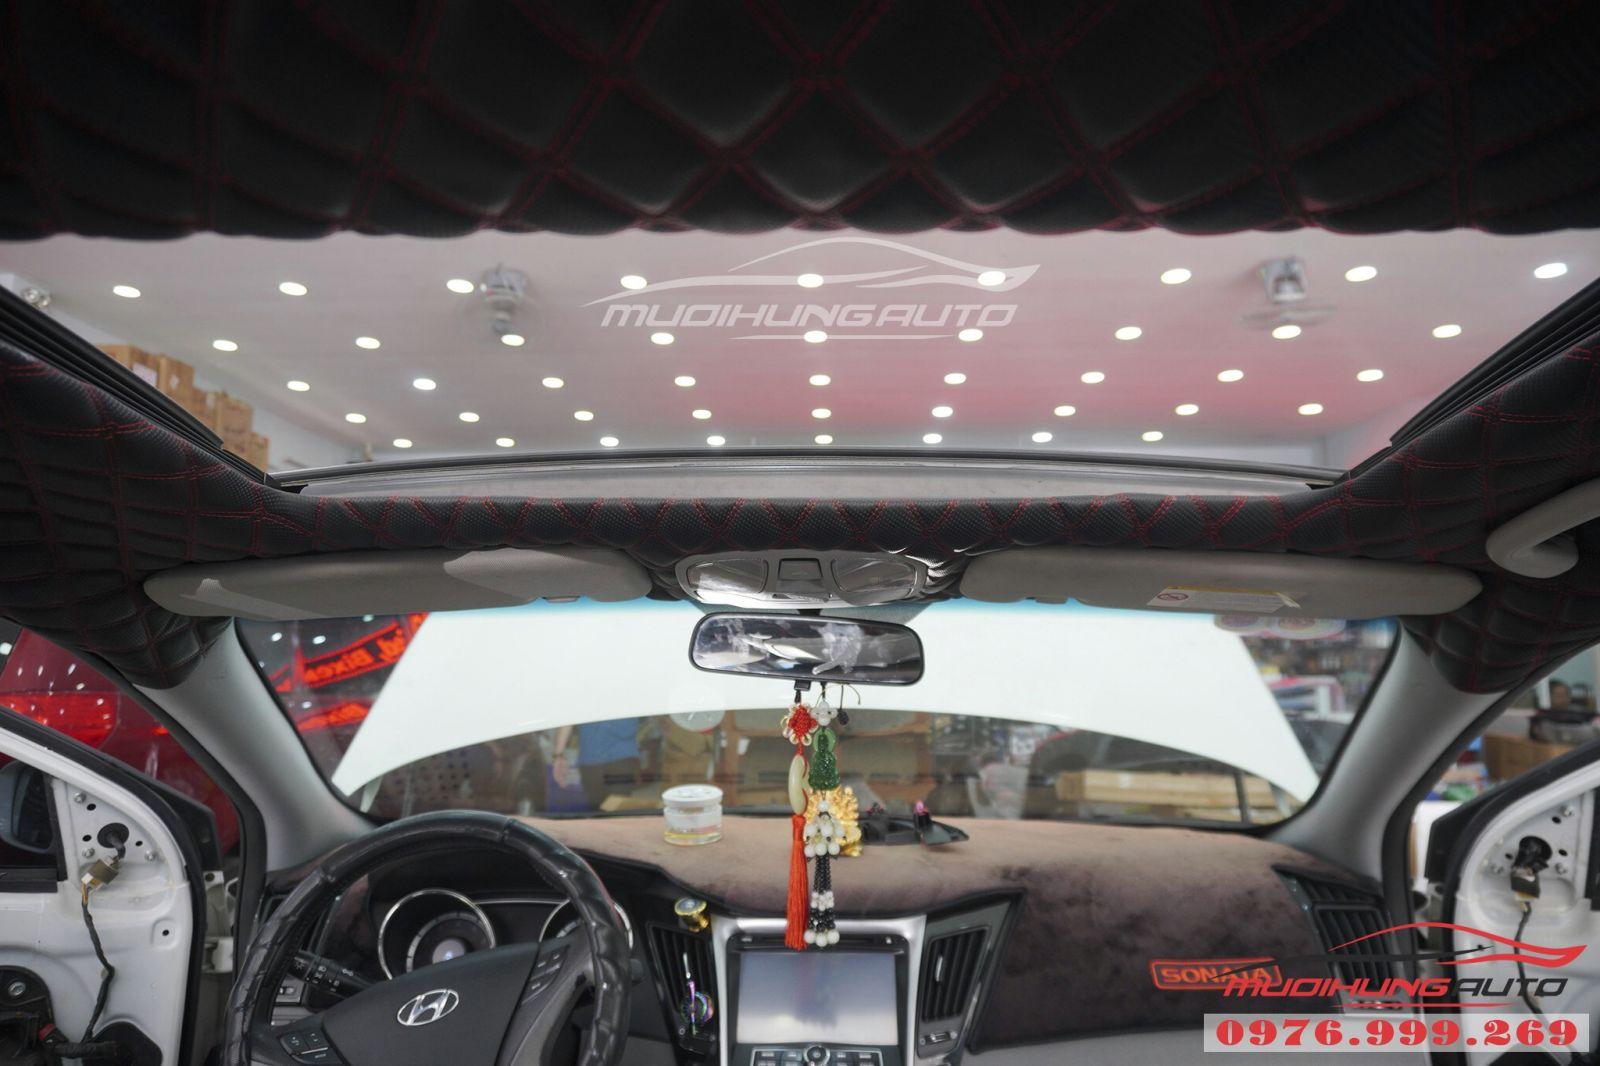 Bọc trần 5D cho Hyundai Sonata cao cấp 09